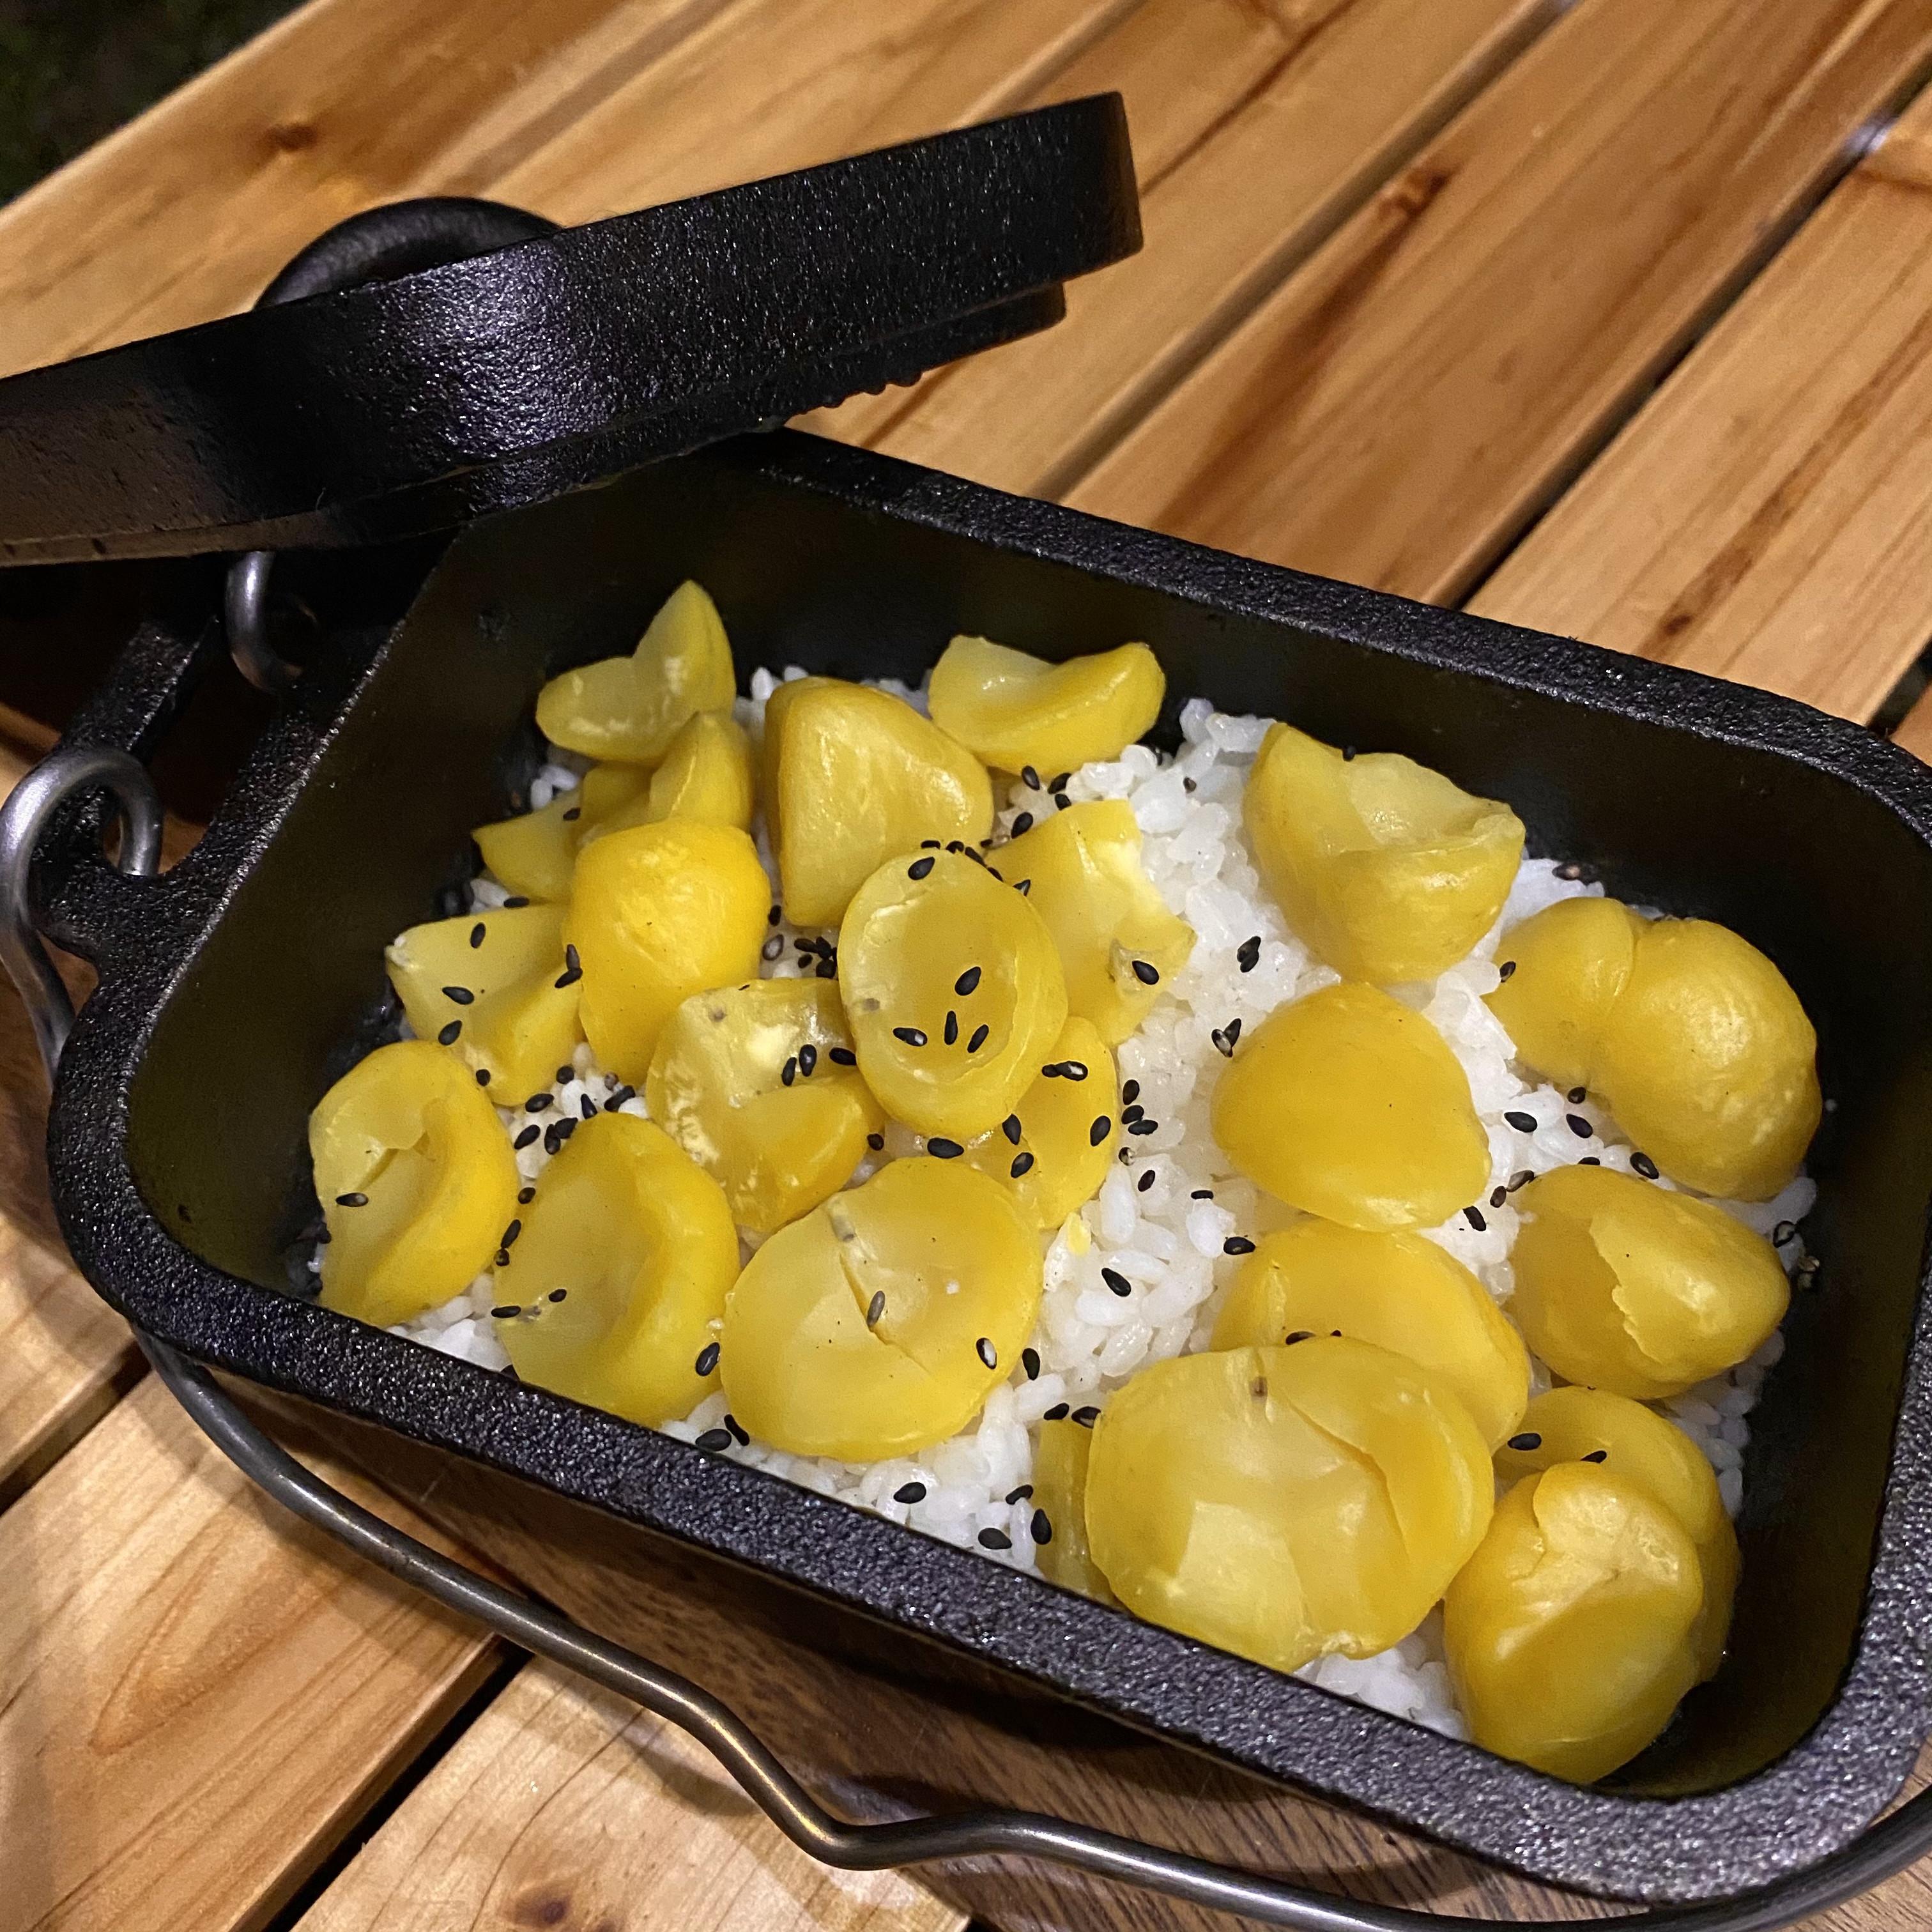 ミニダッチオーブンで作るほったらかし『栗ご飯』!